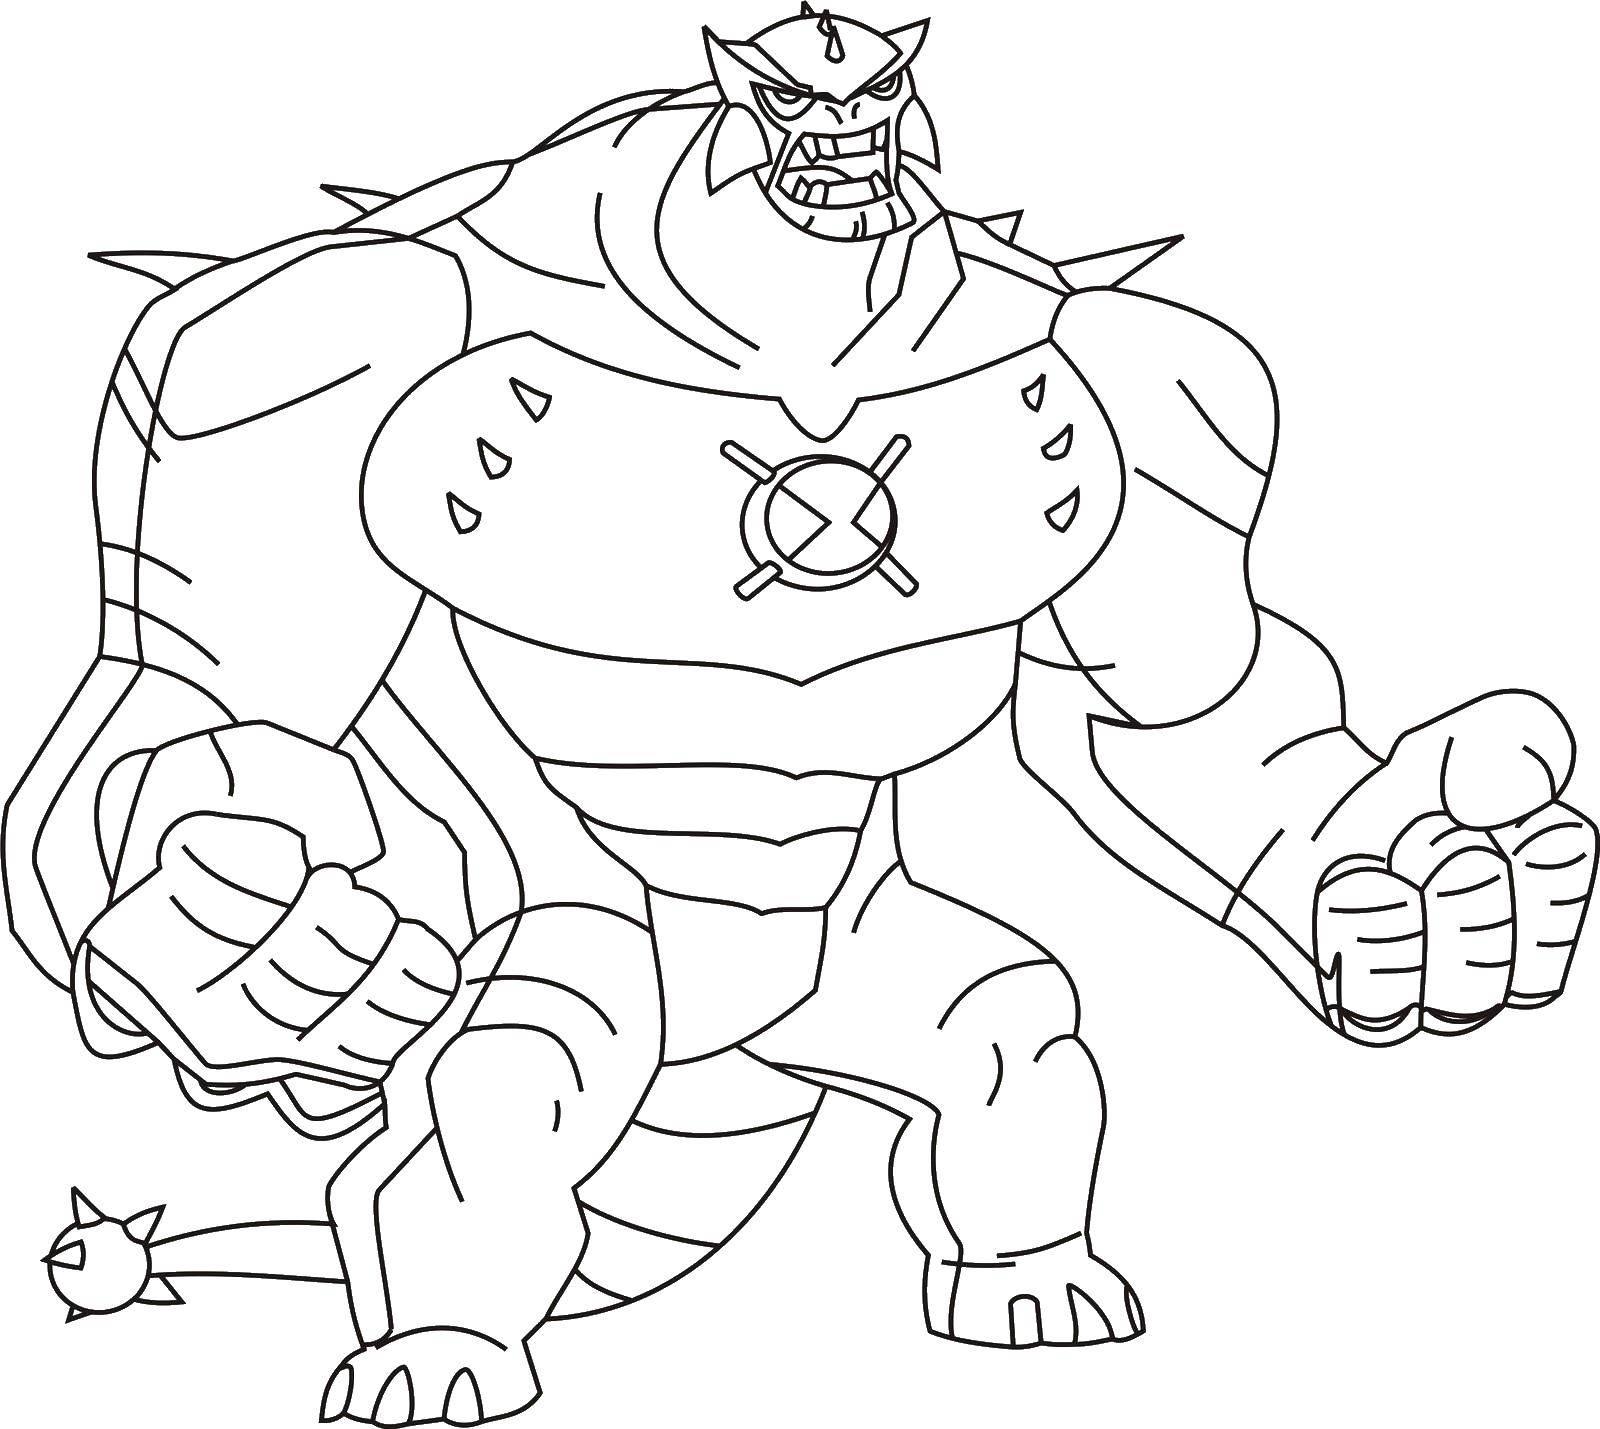 Coloring Ben ten beast Download Ben cartoon.  Print ,Ben ten,